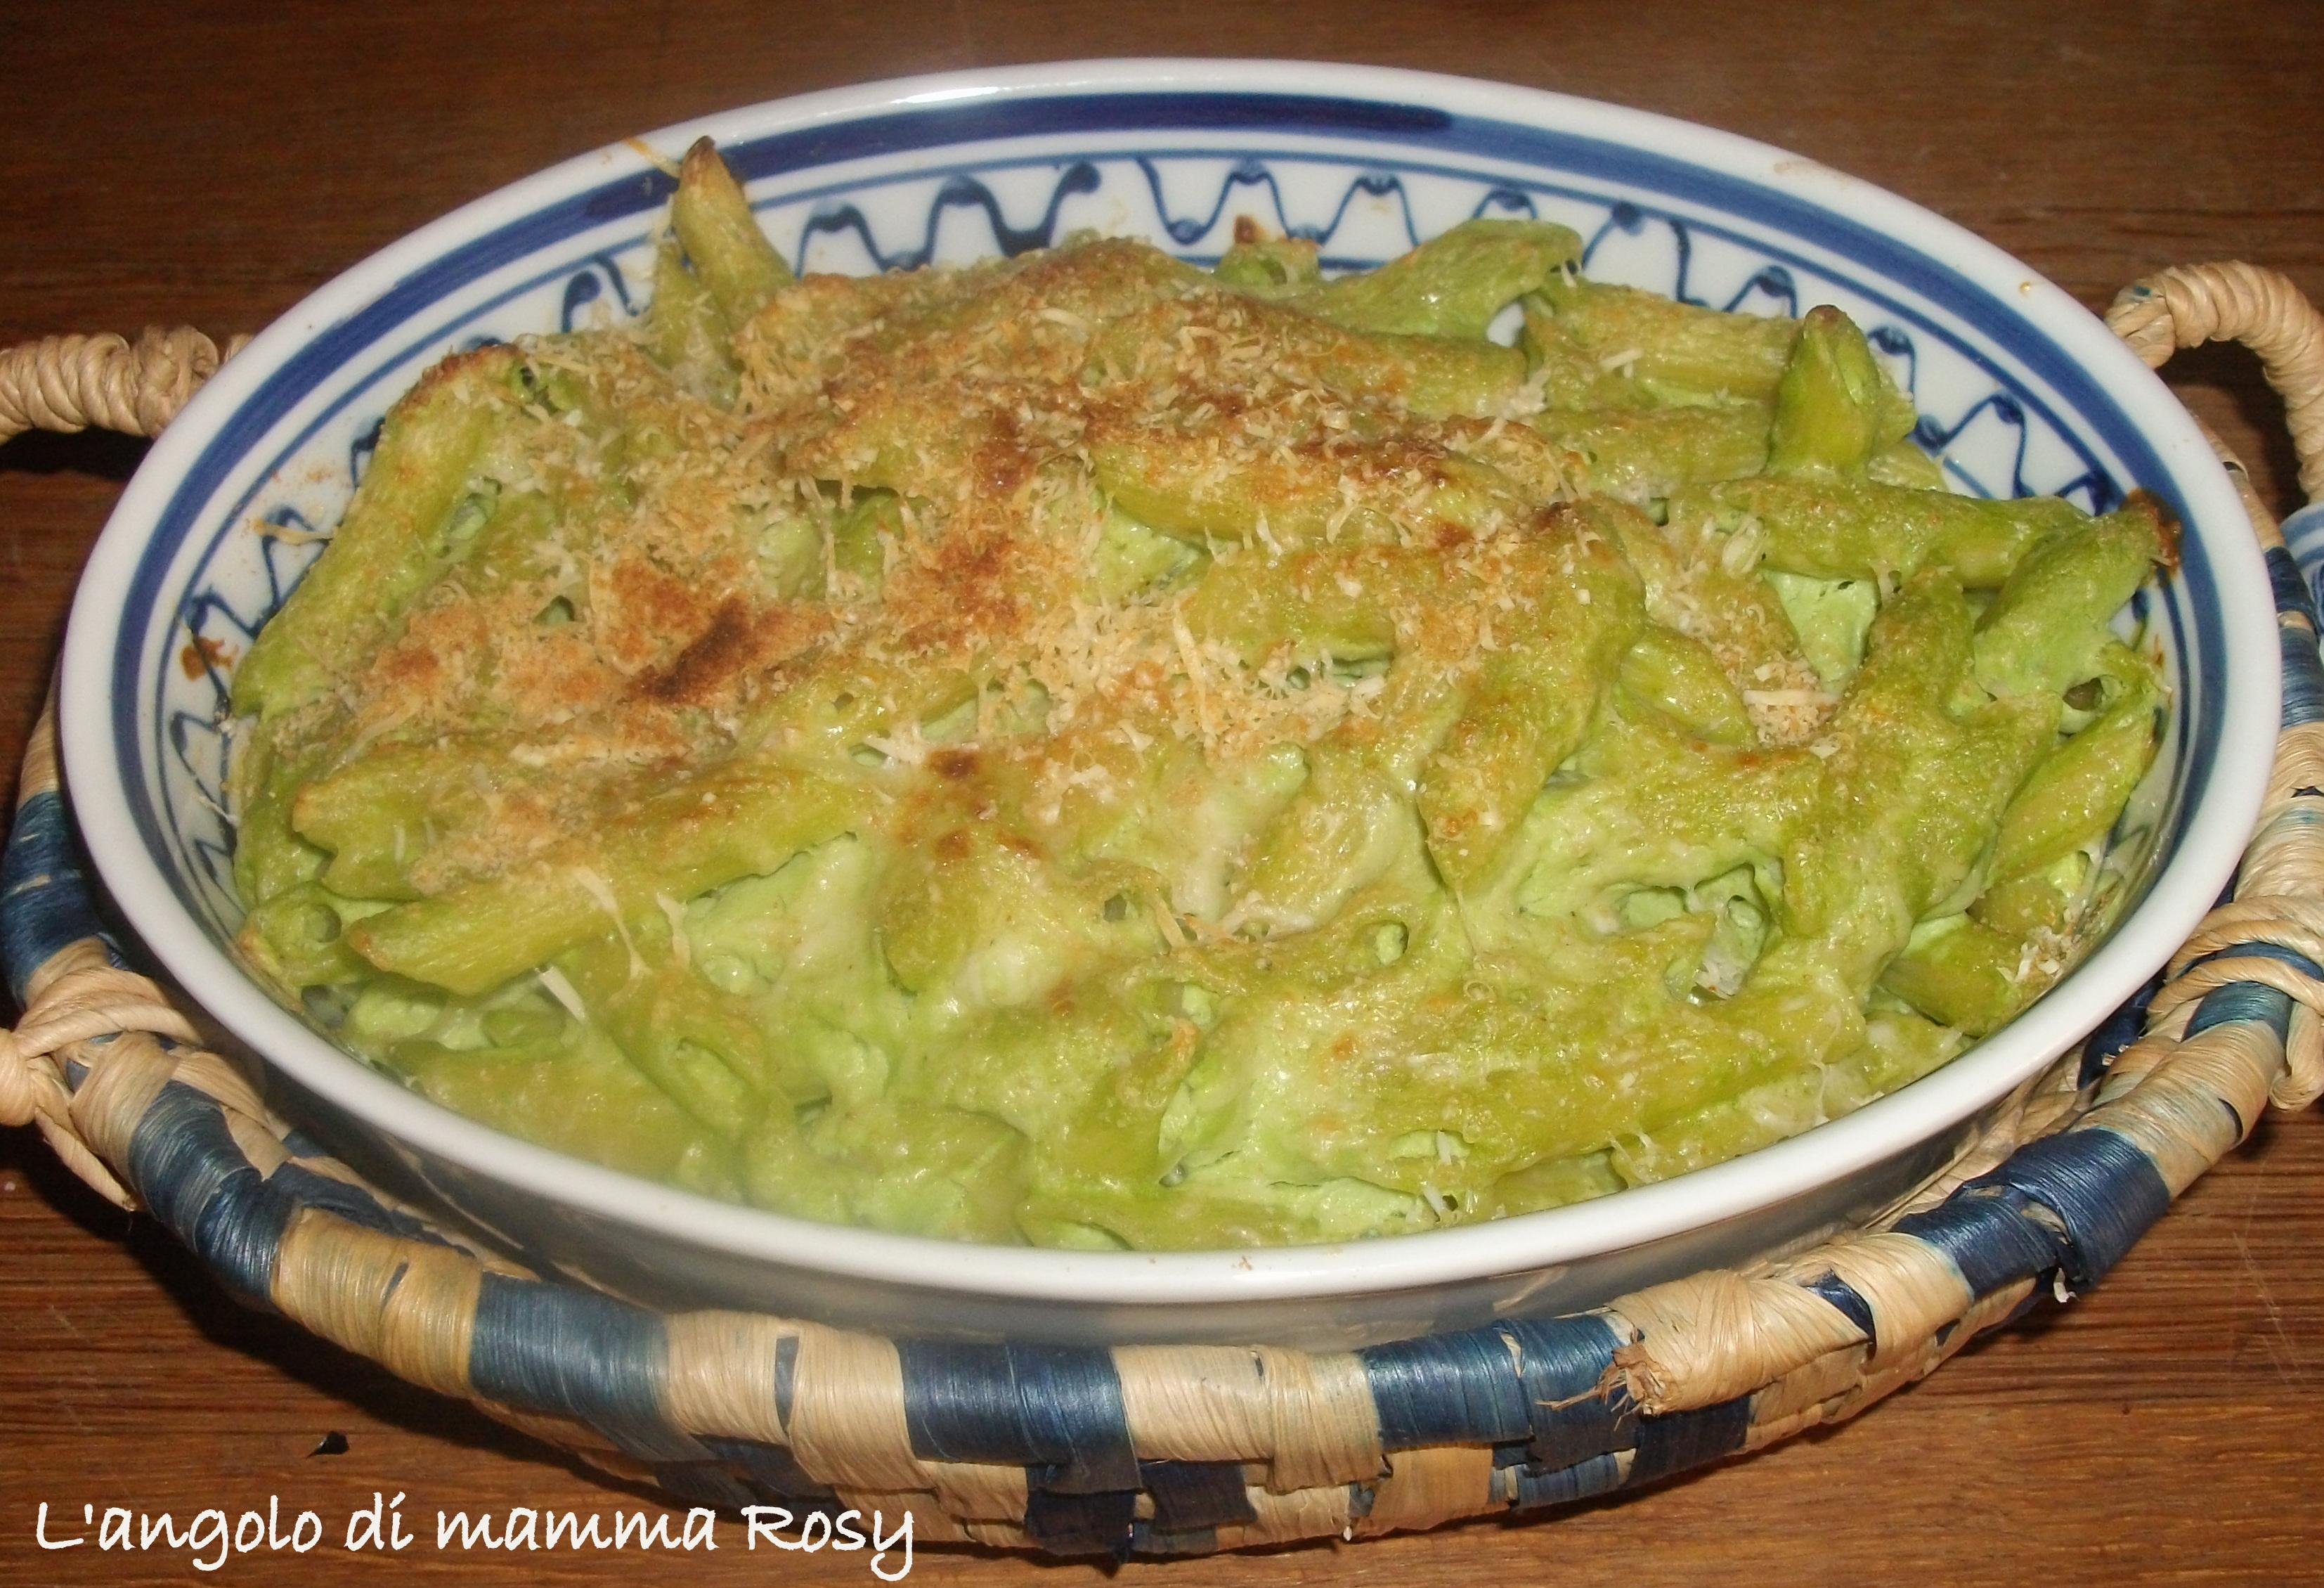 Pennette broccoli e formaggio